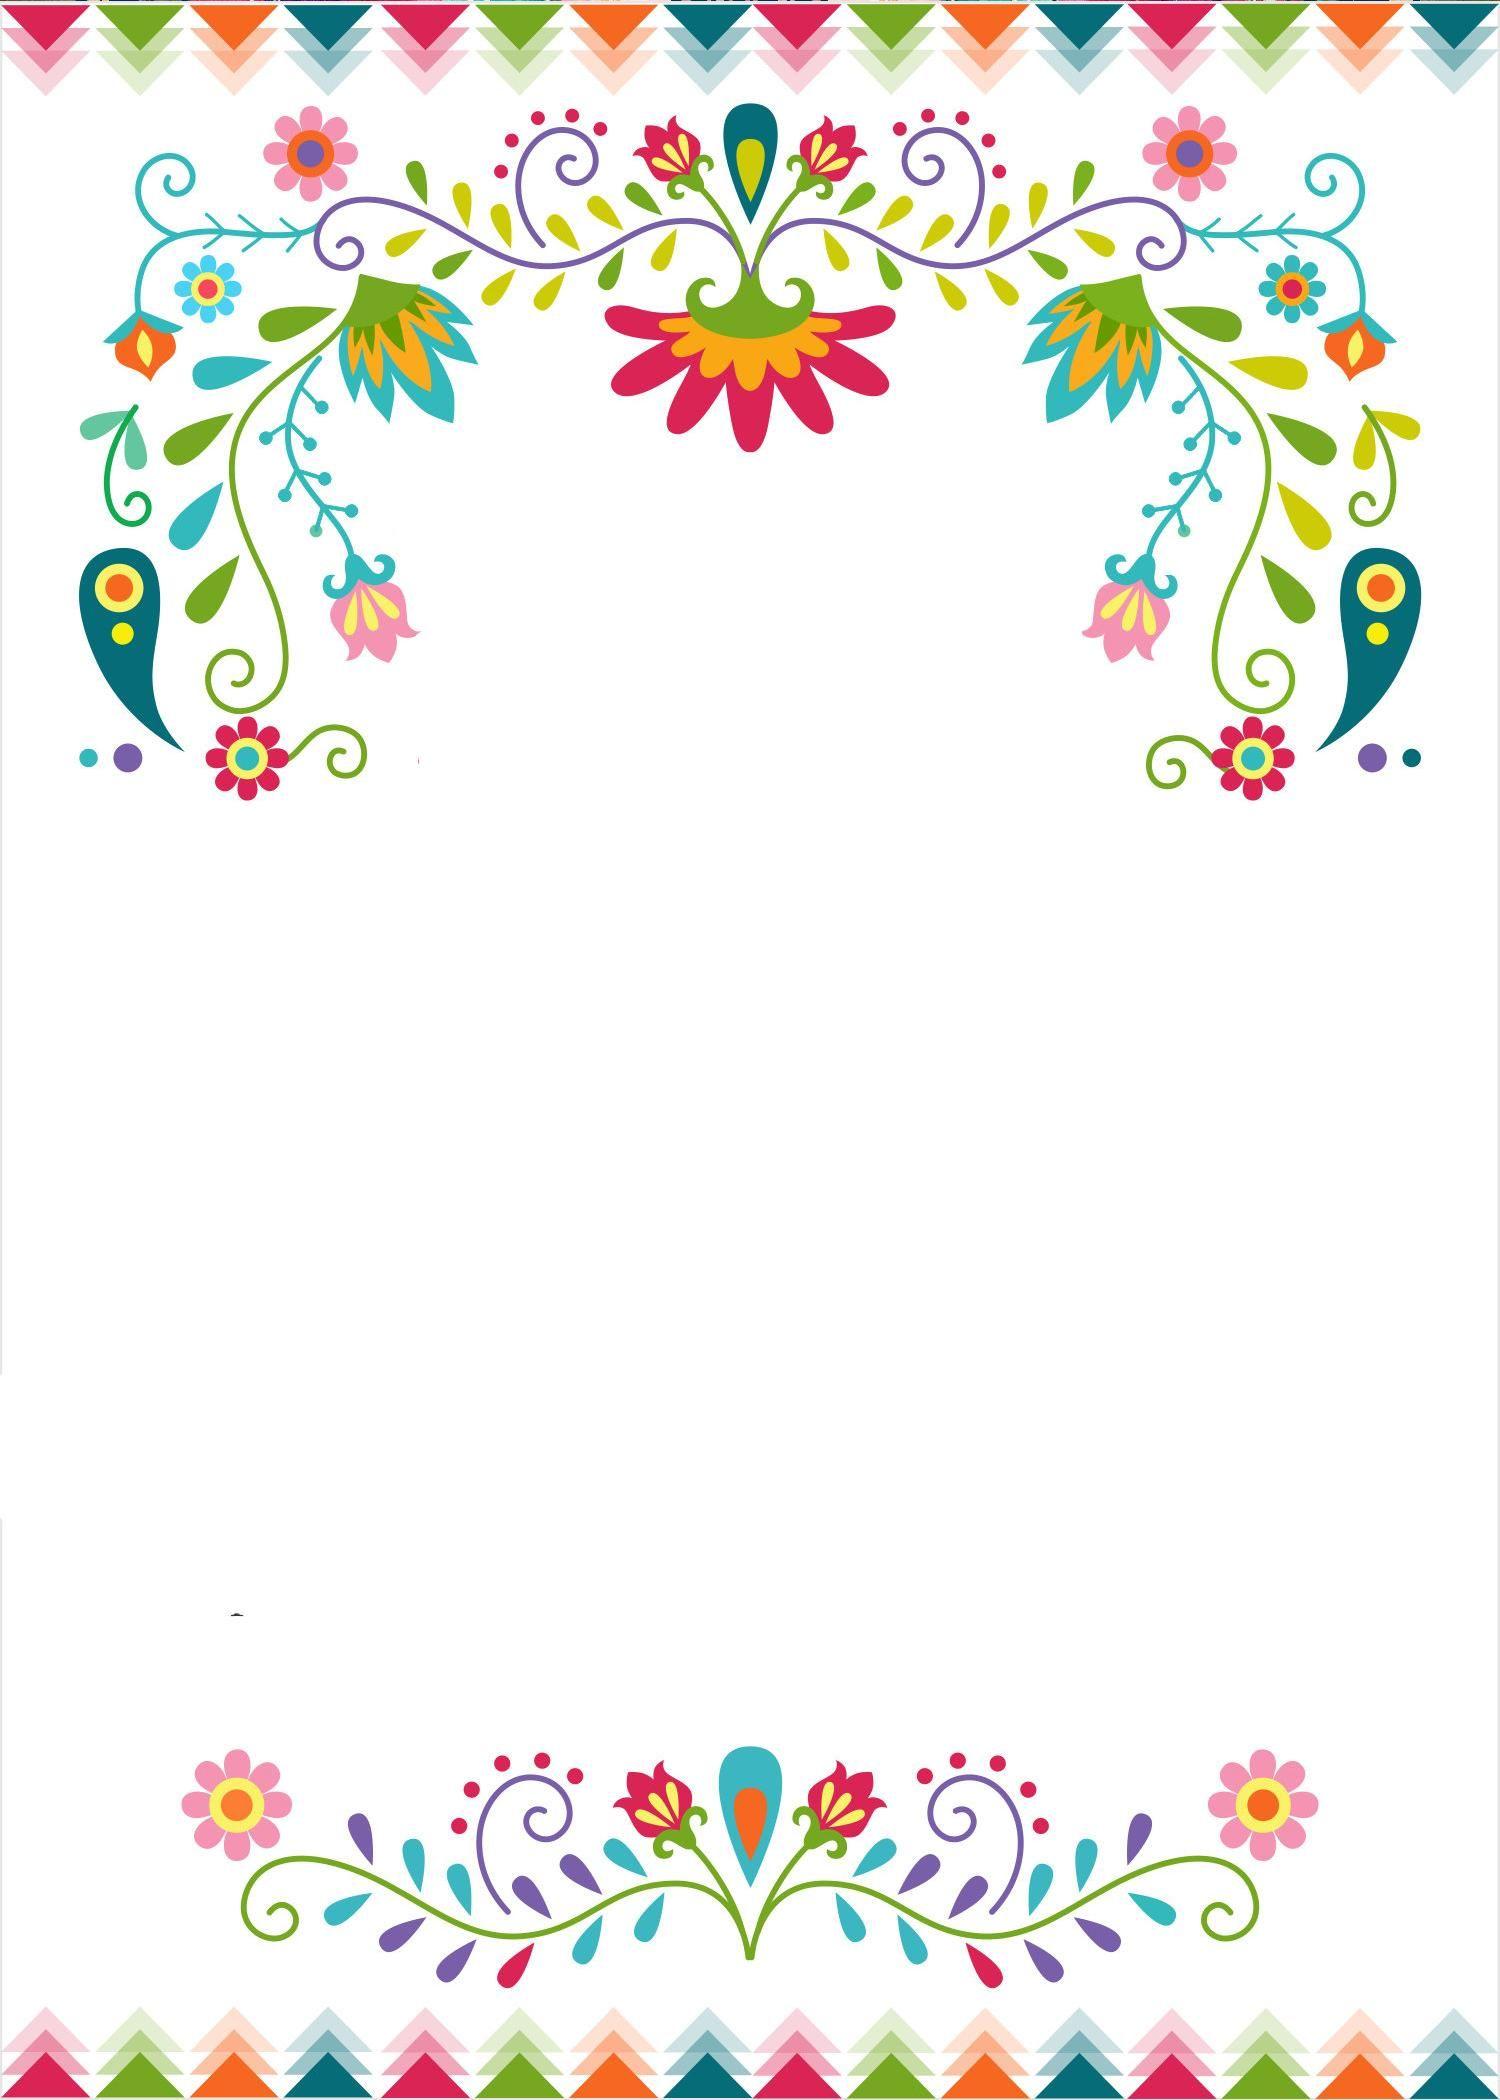 42 Fiesta Invitation Template Free Papel Picado Wedding Invitation Wedding Invitation Templates Fiesta Invitations